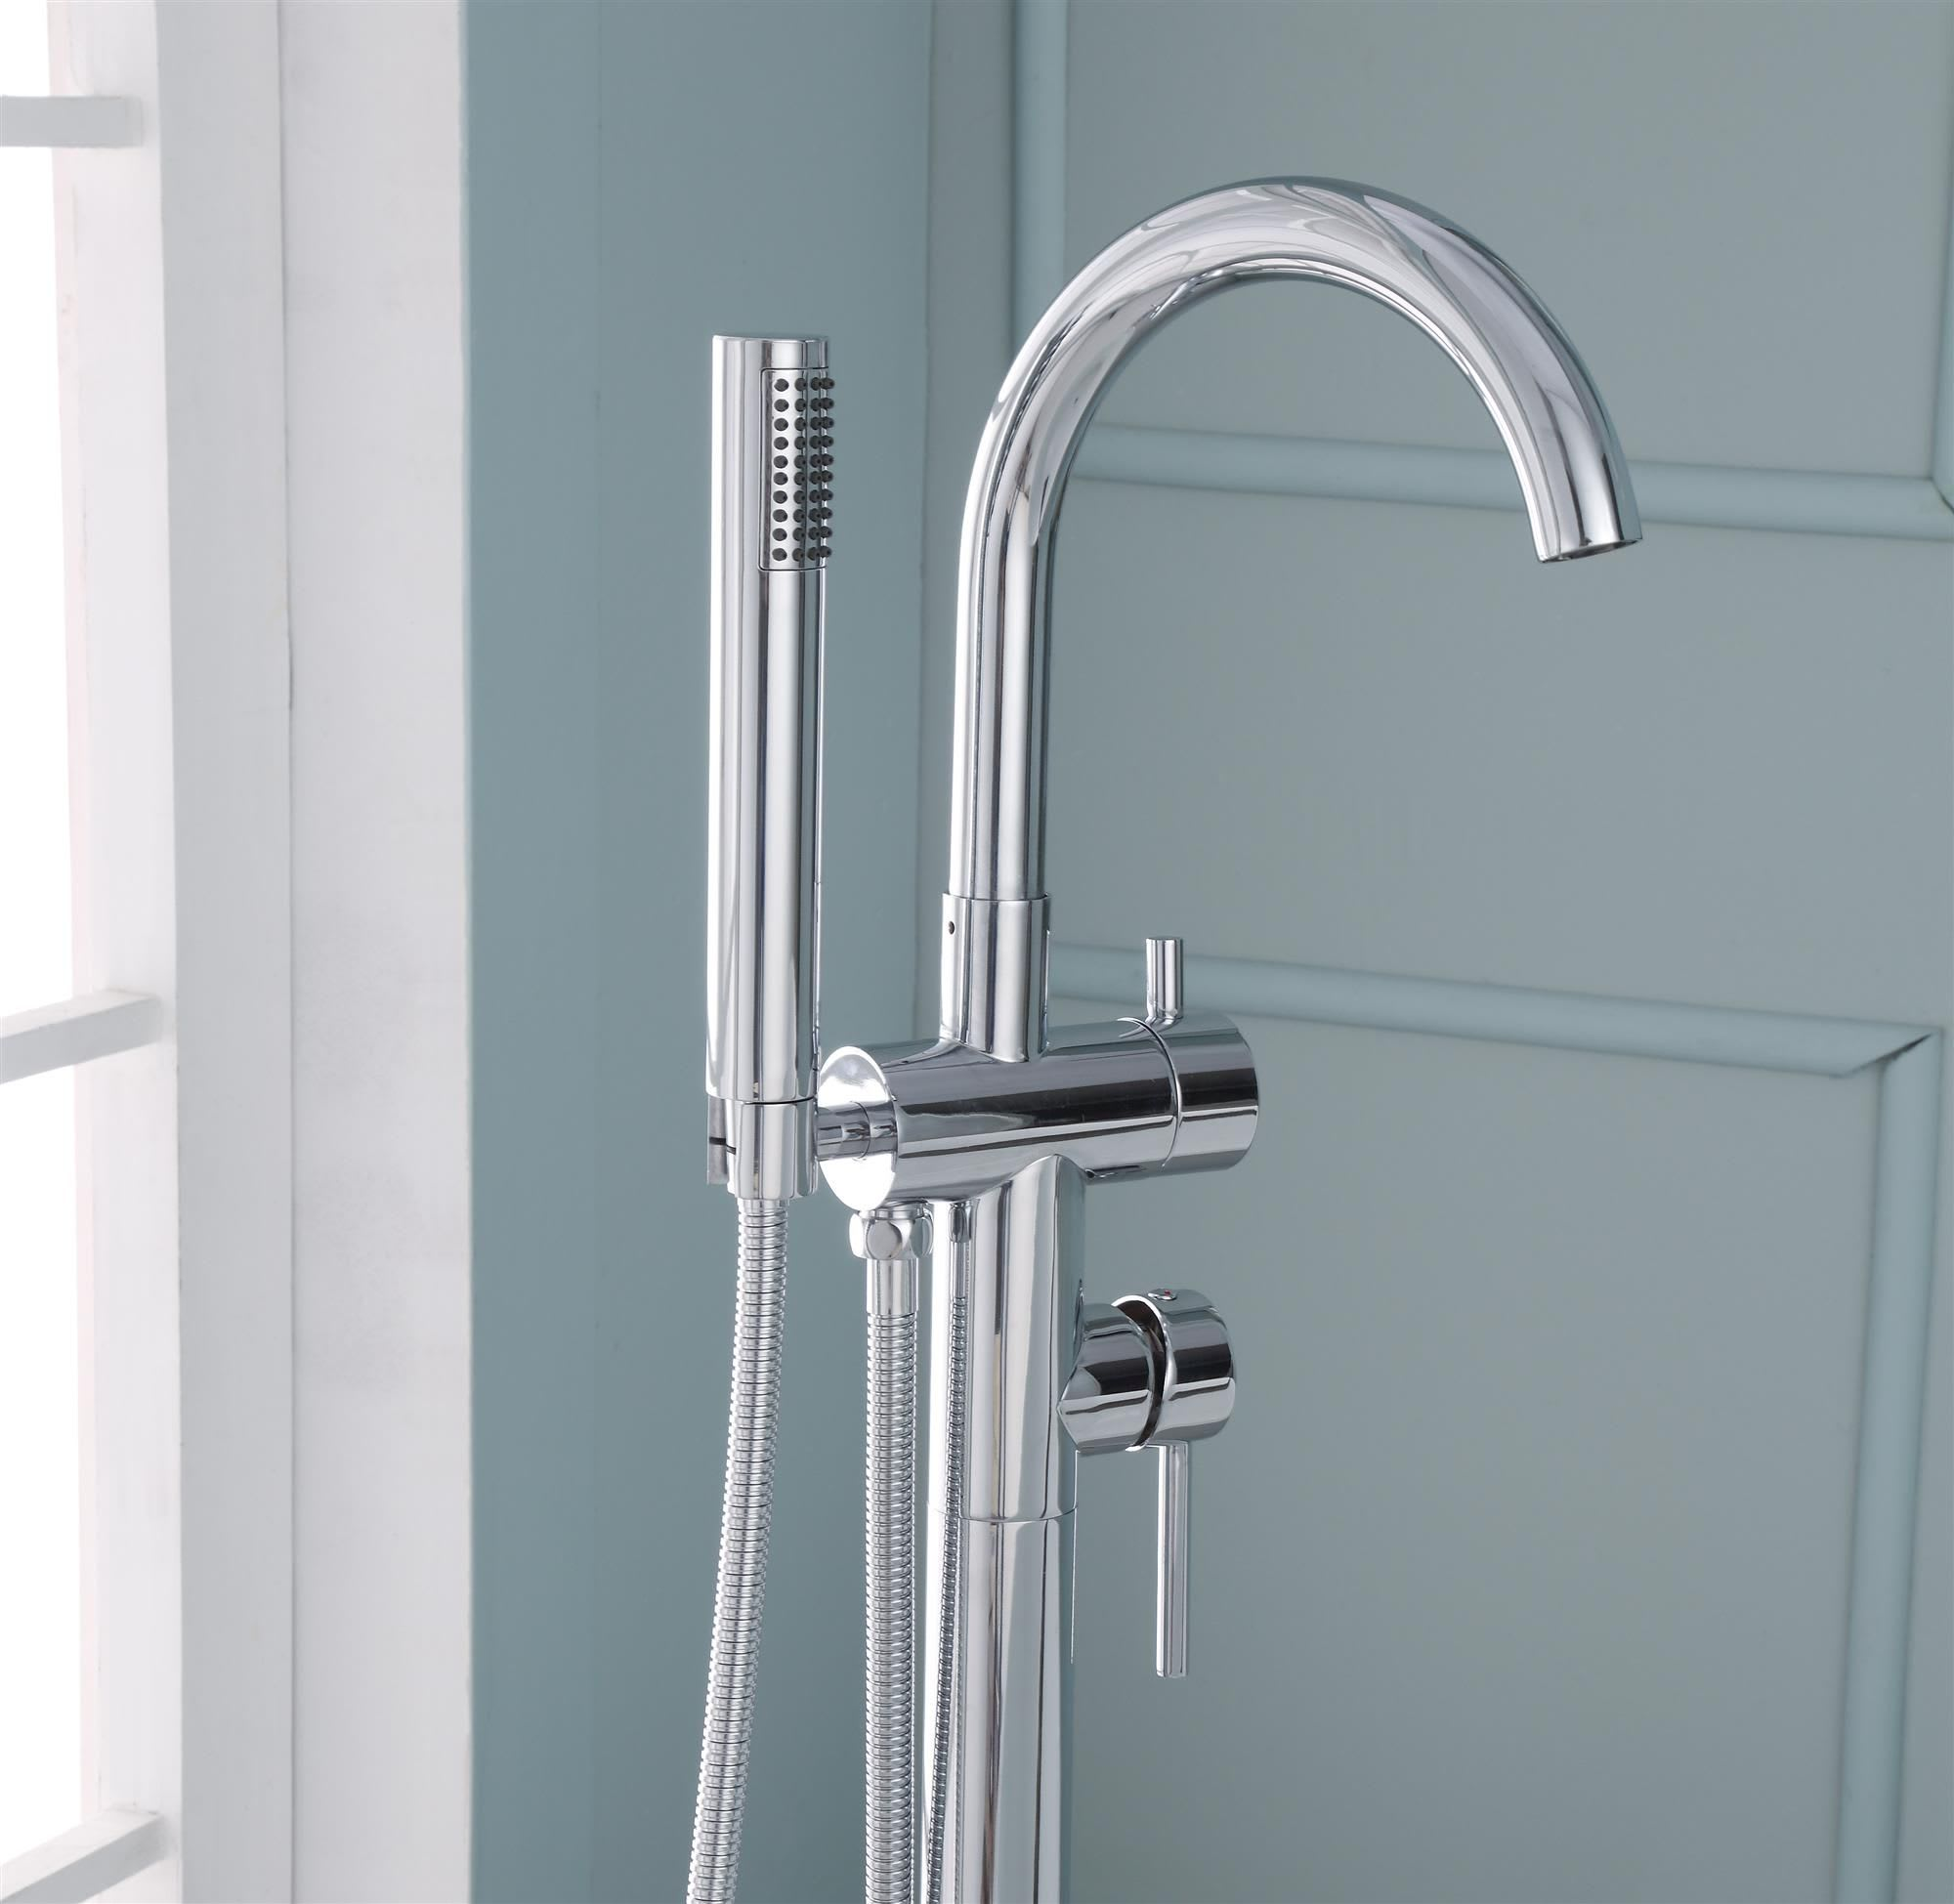 Outstanding Tub Spout Diverter Ensign Bathtub Ideas